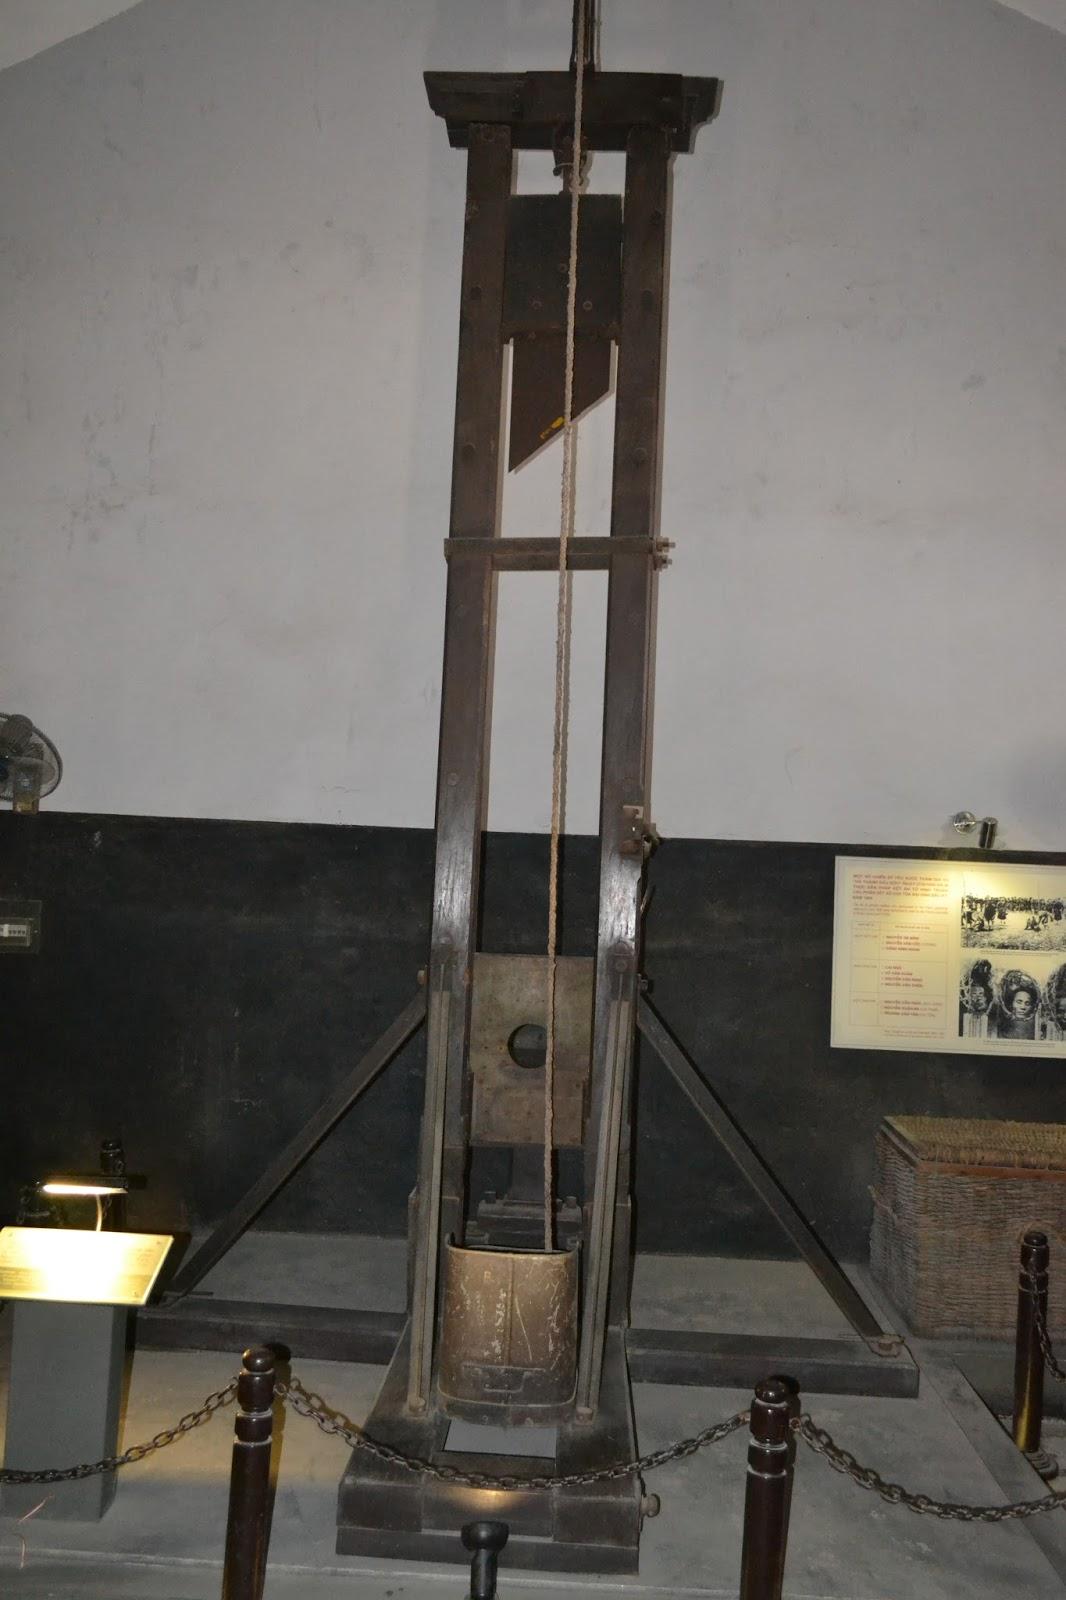 Guillotine,  The Hỏa Lò Prison, hanoi